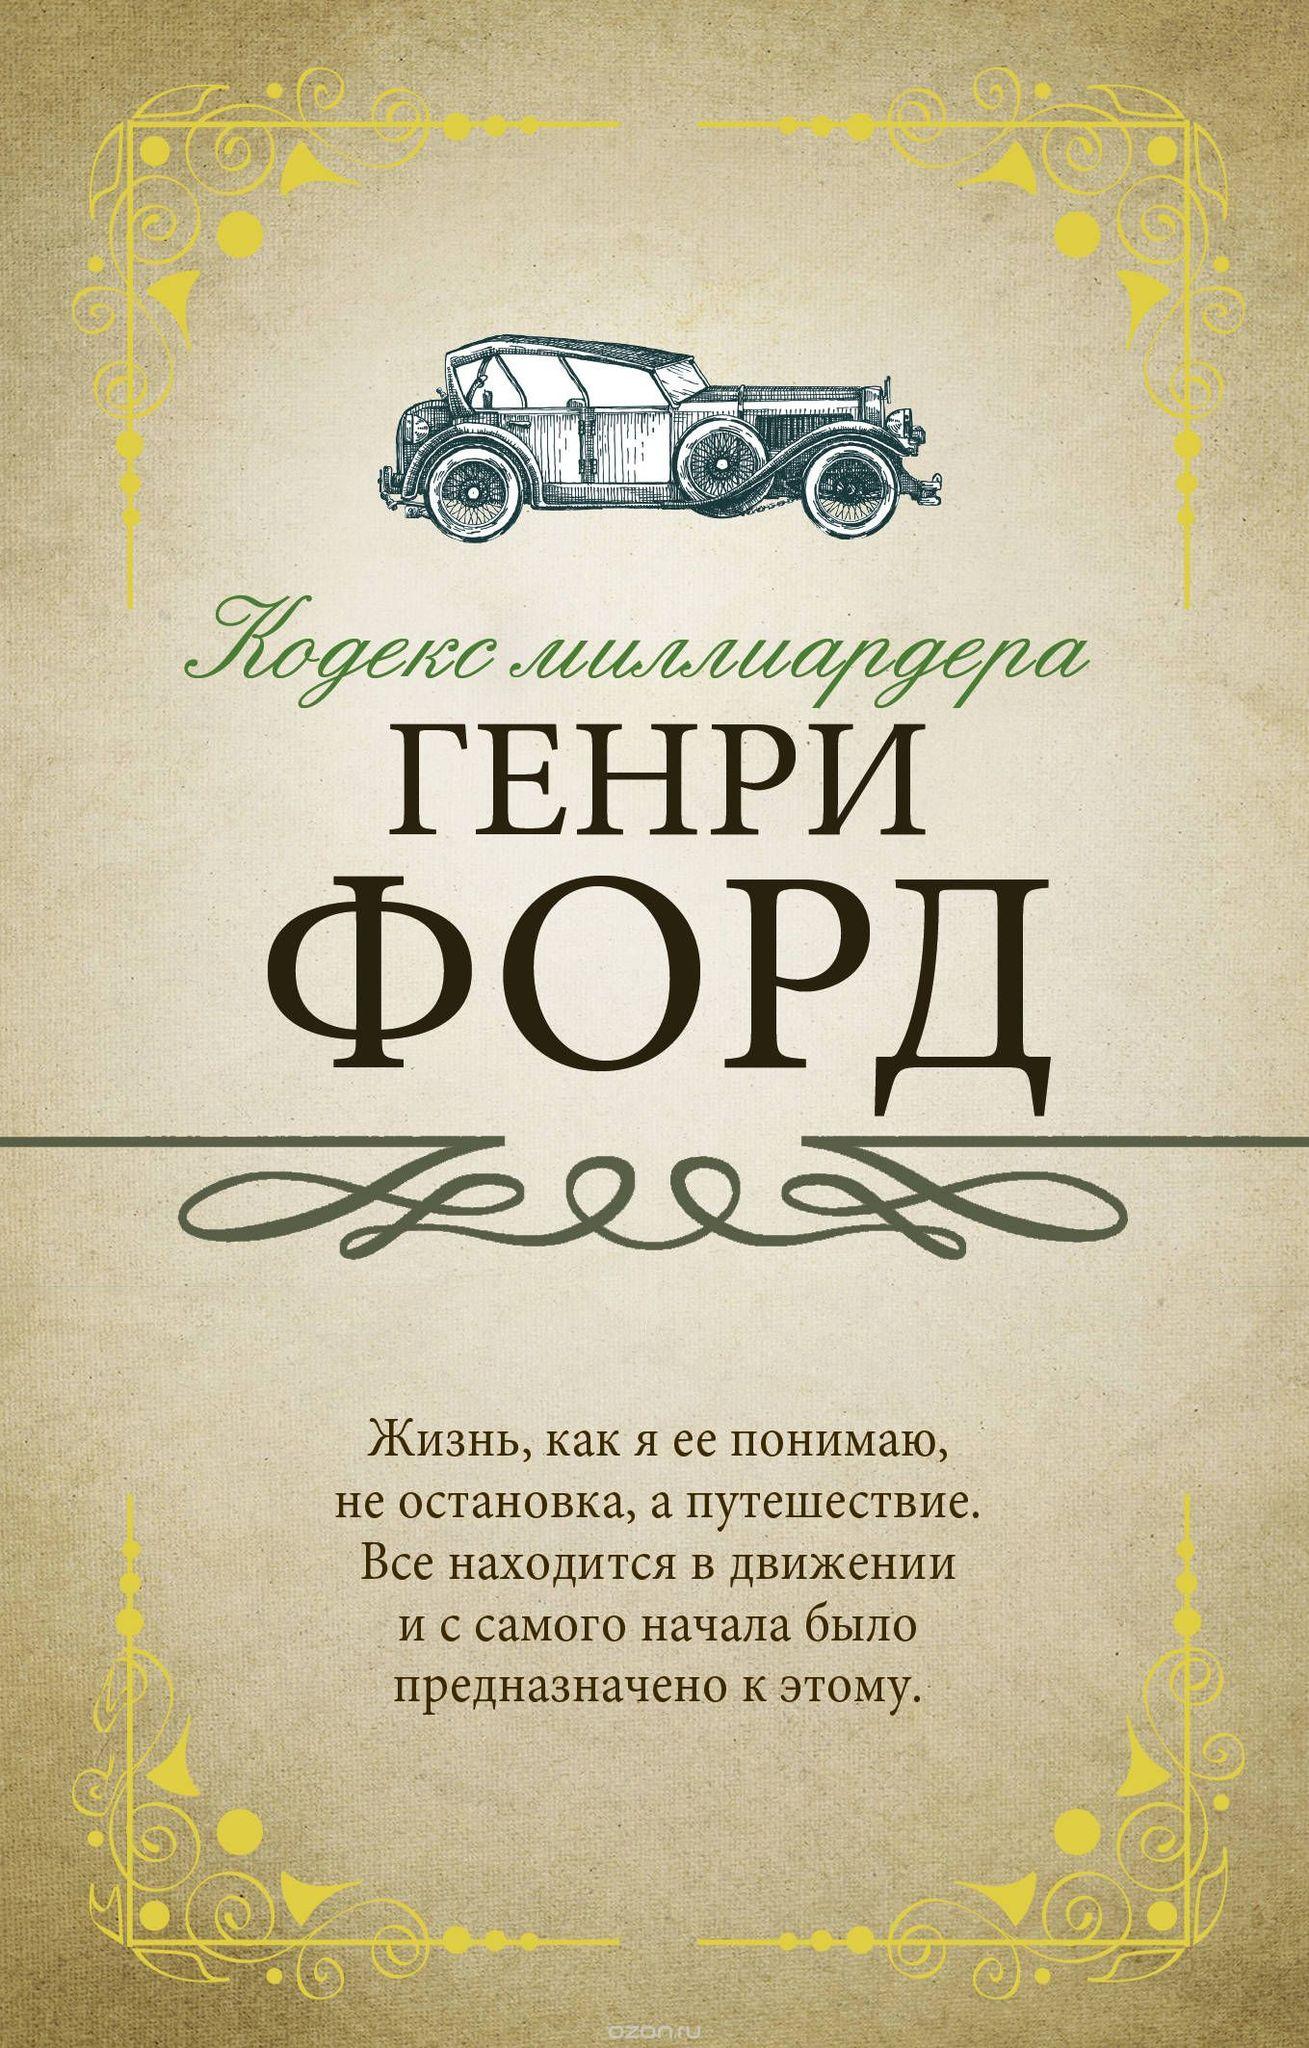 Kitab Кодекс миллиардера | Генри Форд